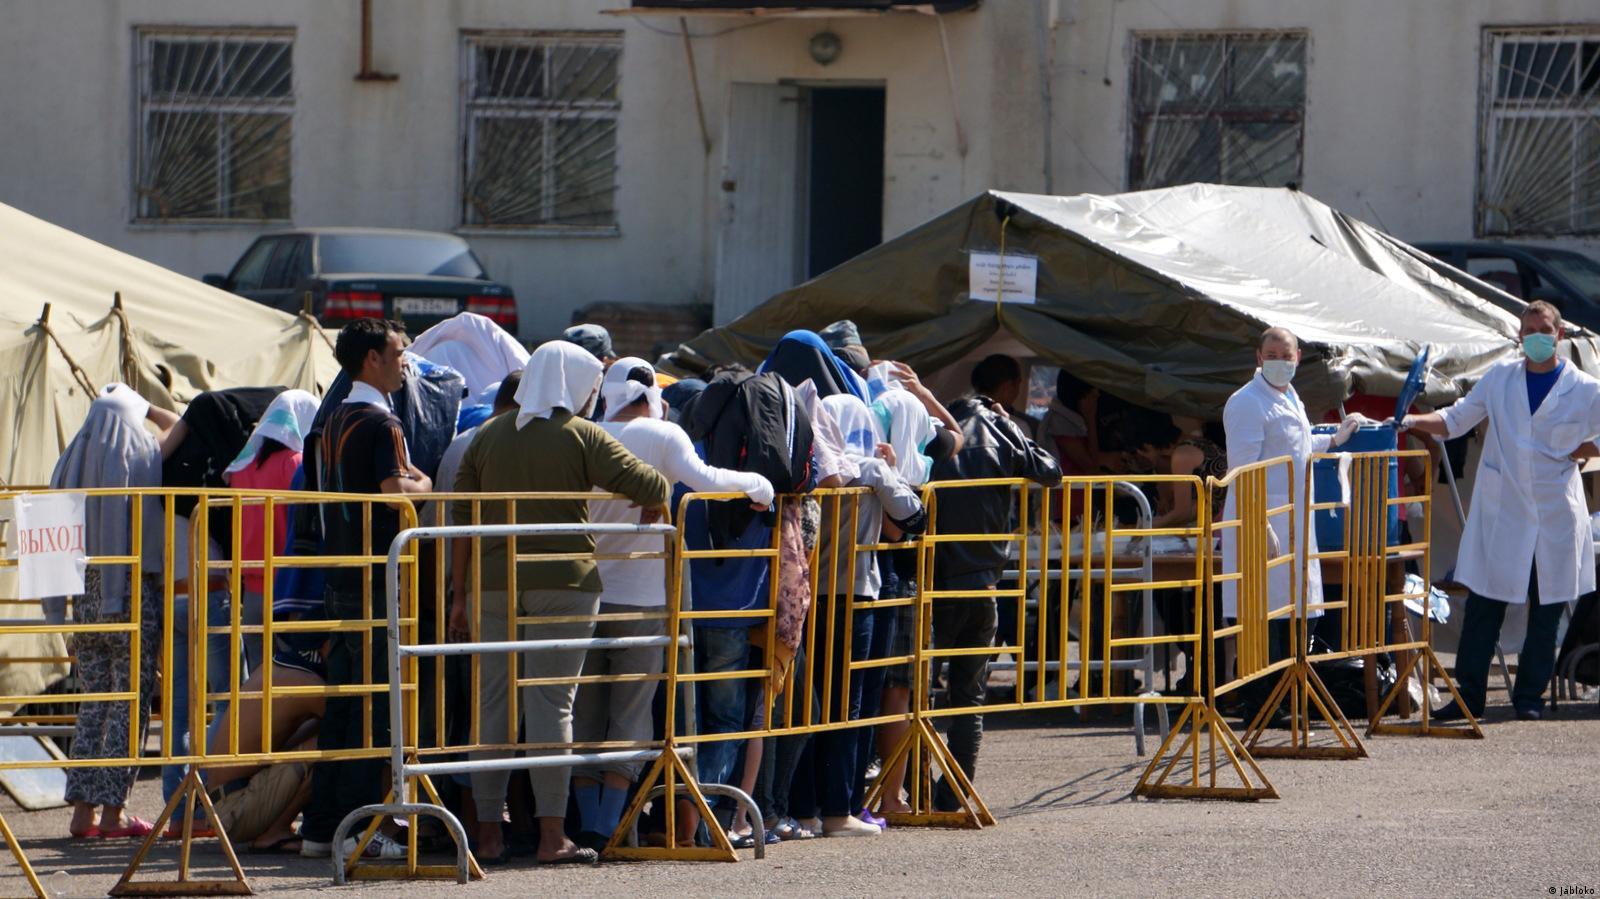 Лагерь для нелегальных мигрантов в Гольяново